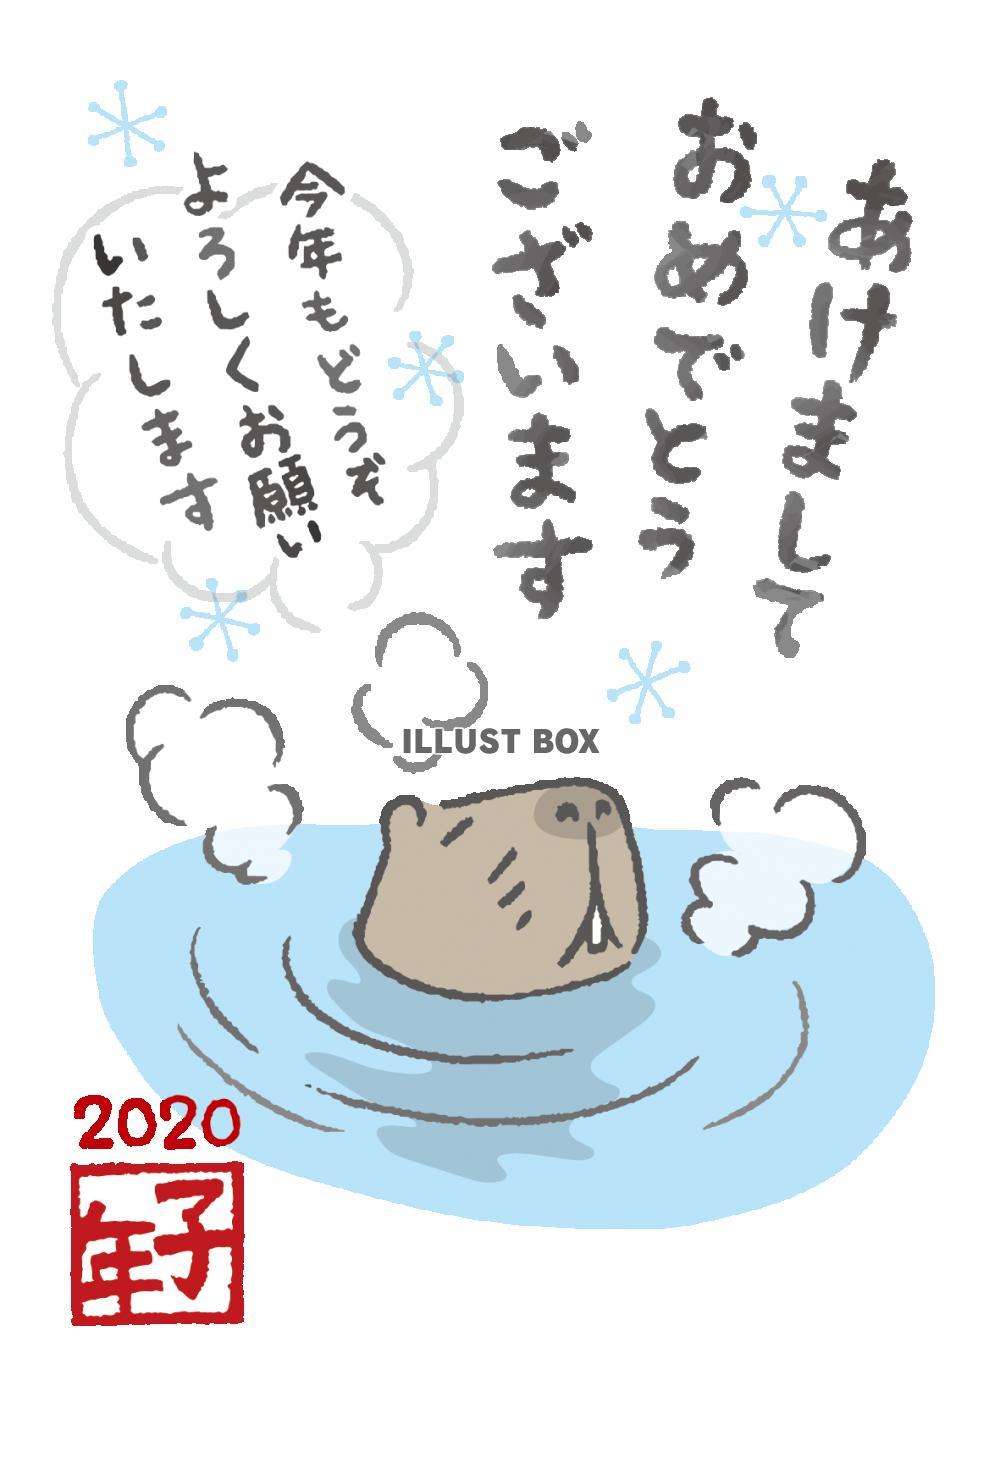 無料イラスト 2020年子年賀状素材カピバラ温泉ねずみ露天風呂湯気